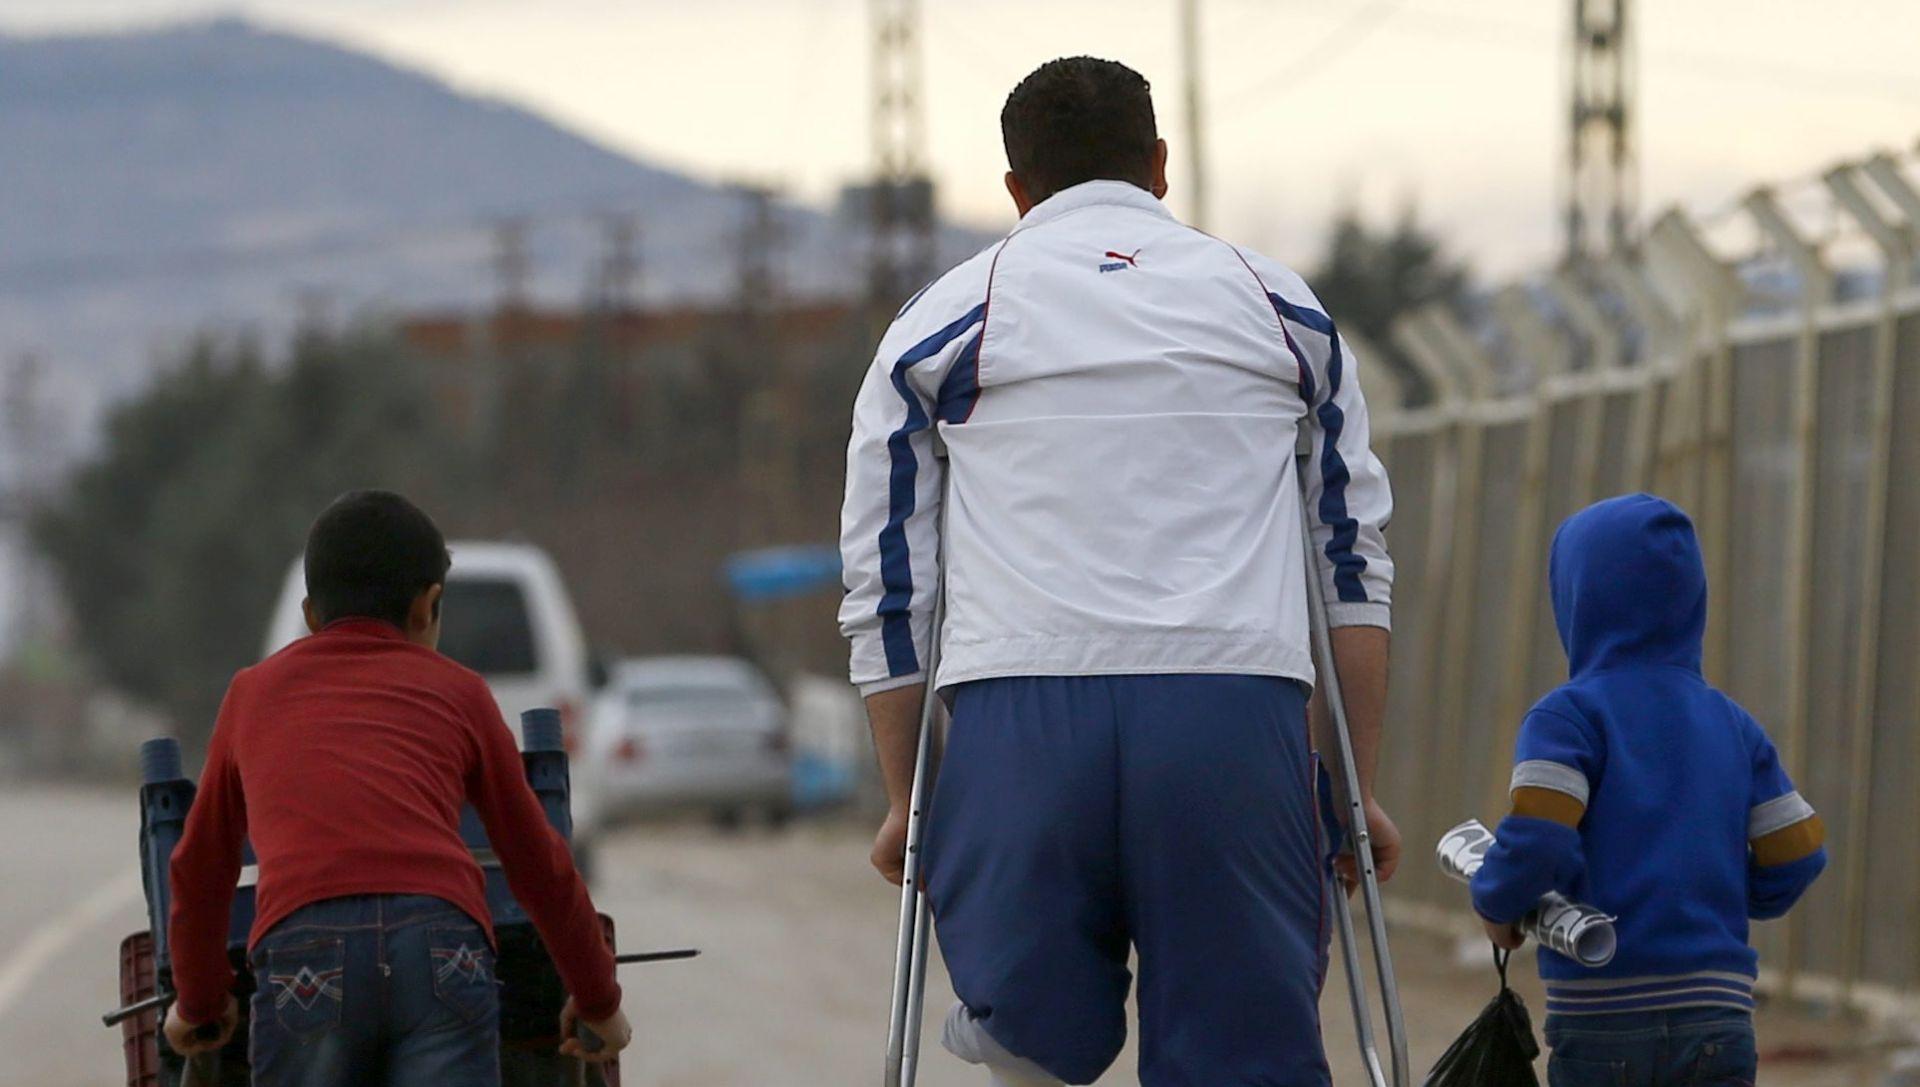 Turska: Do 100.000 ljudi smješteno u kampovima u posljednjem migrantskom valu